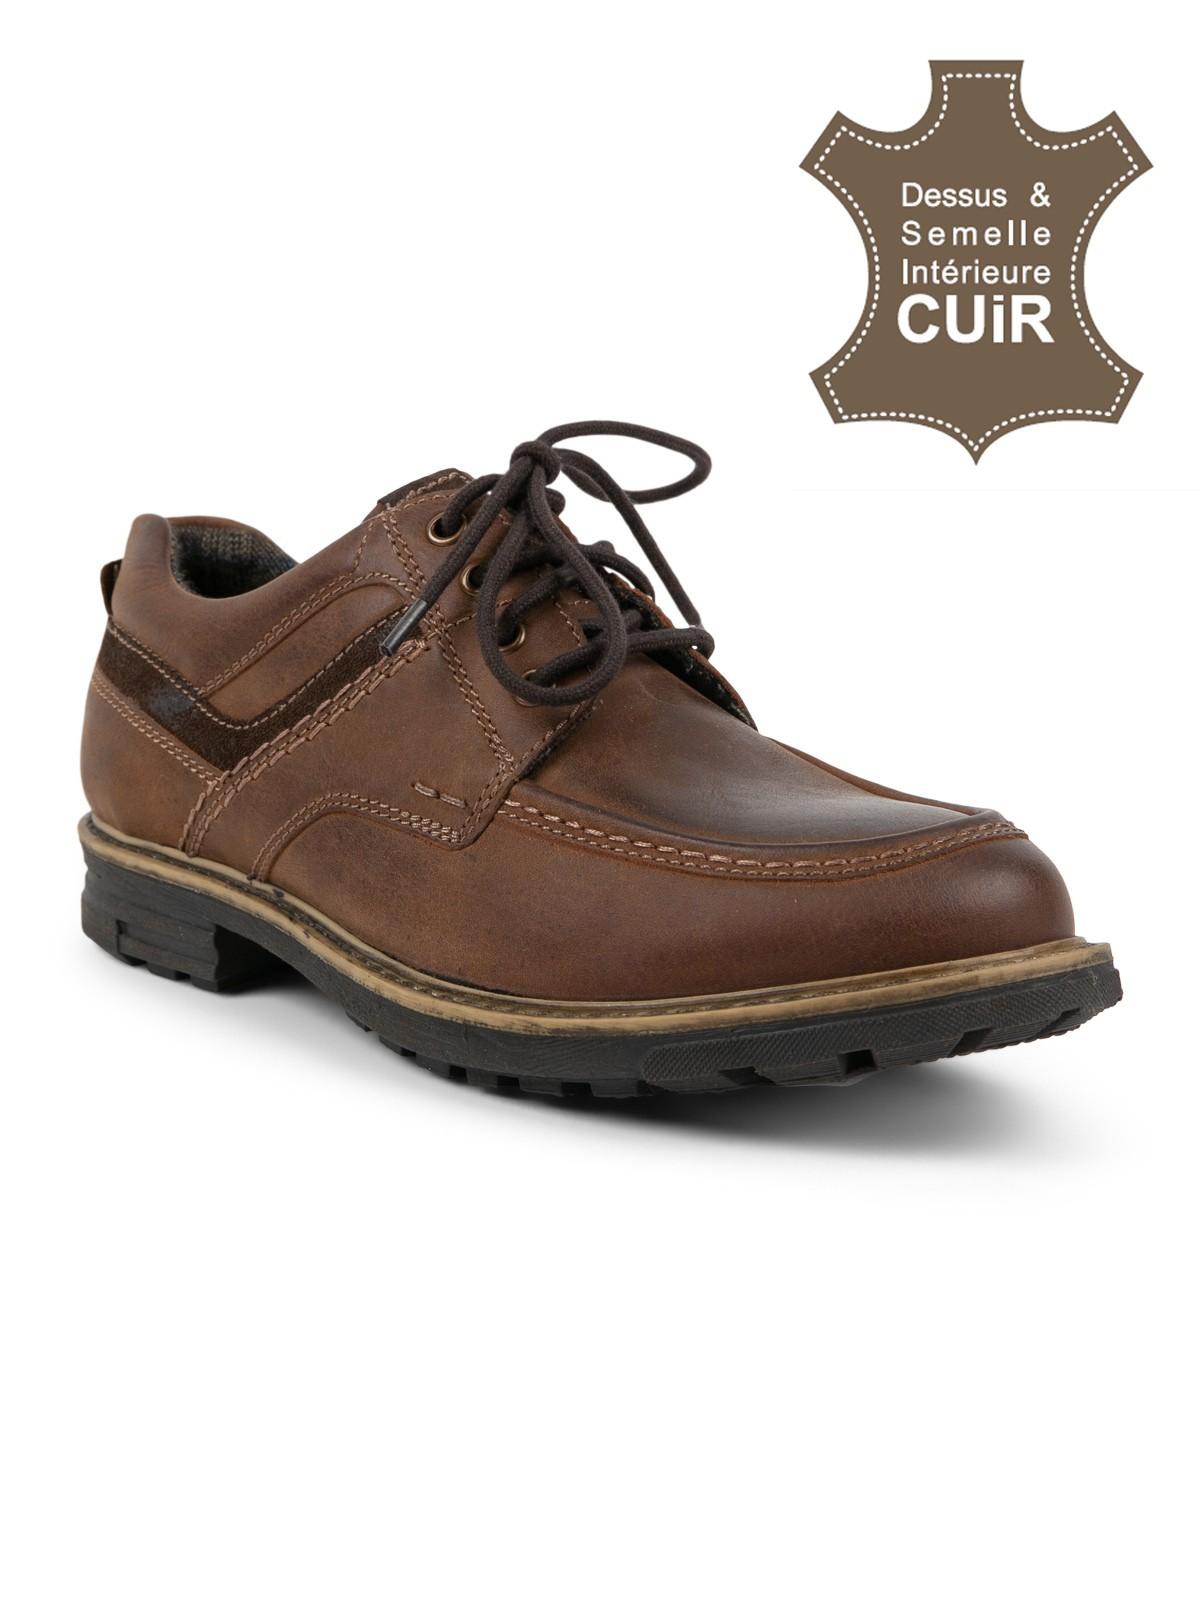 styles de mode sélection spéciale de chaussures détente cuir